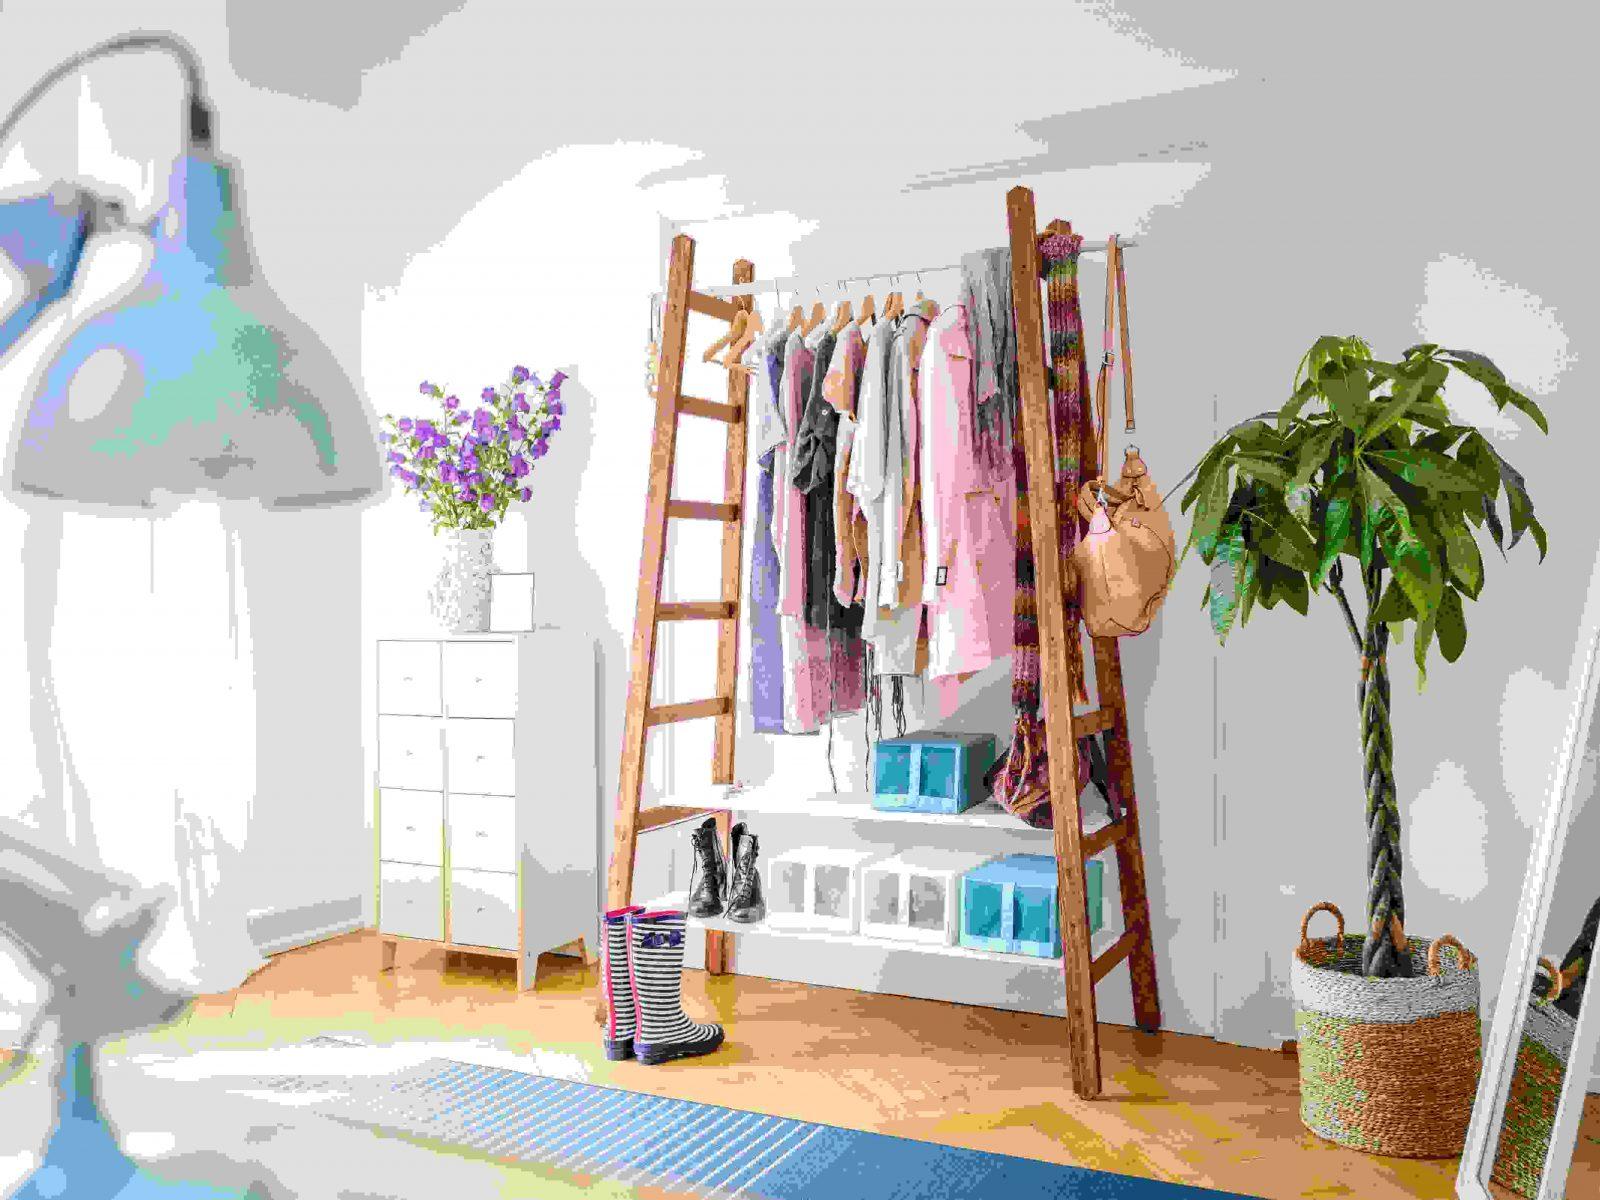 Garderobe Selber Bauen Von Flurgarderobe Selber Bauen Designideen von Garderobe Selber Bauen Design Bild